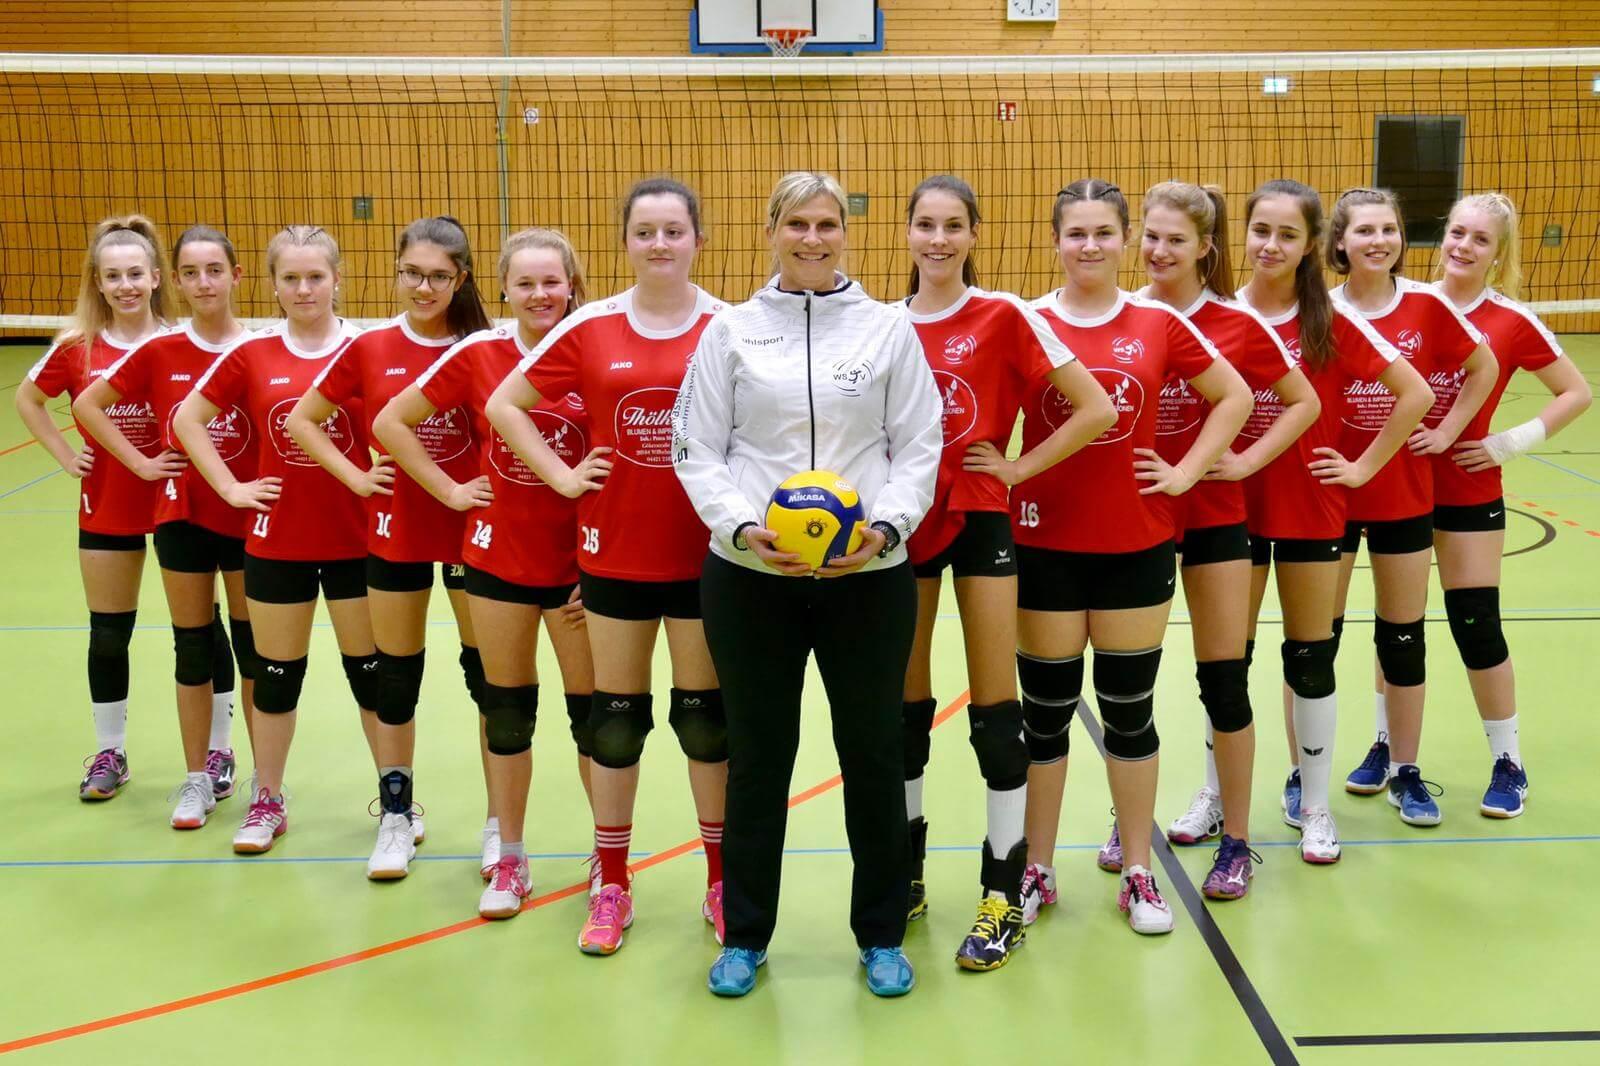 2. Damen Kreisliga 2019 / 2020